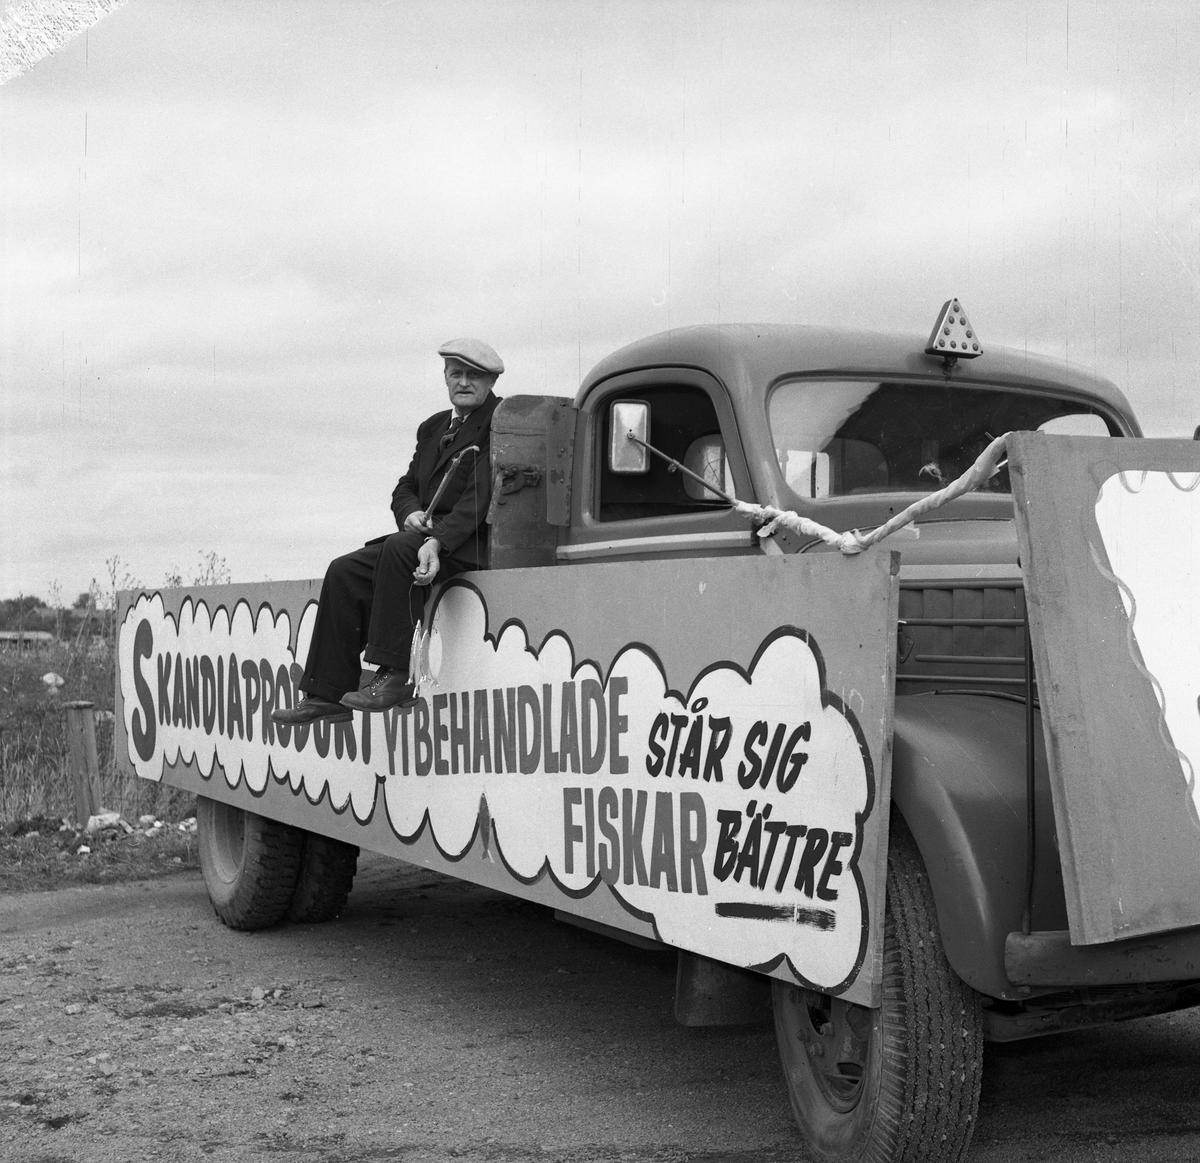 """Barnens Dags 30-årsjubileum. Severin Holm, kallad Seffran, Arbogas meste metare, sitter på ett lastbilsflak.  Bilden fanns med på en utställning 1985 samt i Reinhold Carlssons bok """"Arboga objektivt sett""""."""